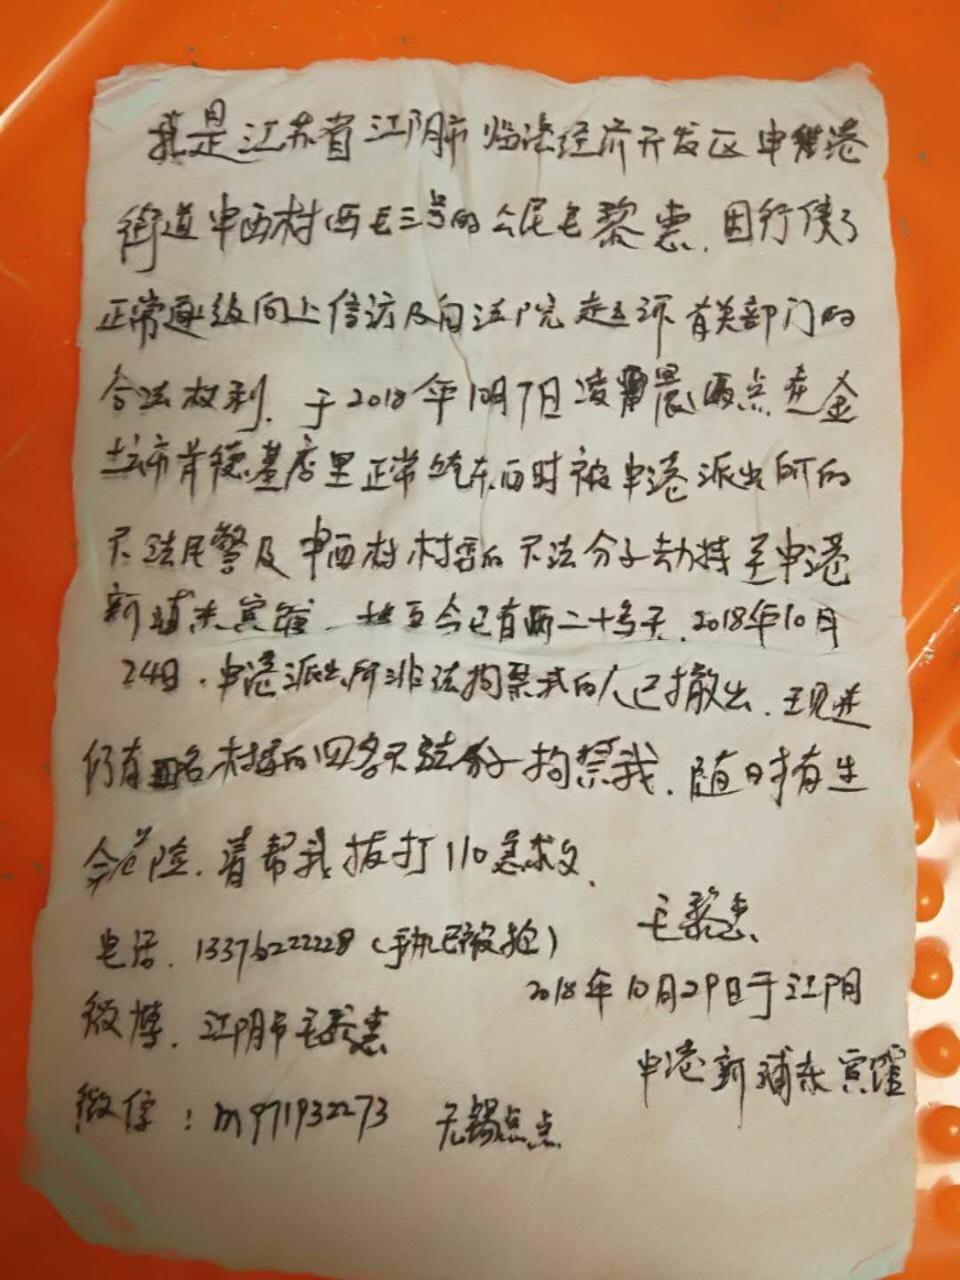 江蘇無錫訪民毛黎惠於黑監獄中寫出的求救信。(受訪者提供)